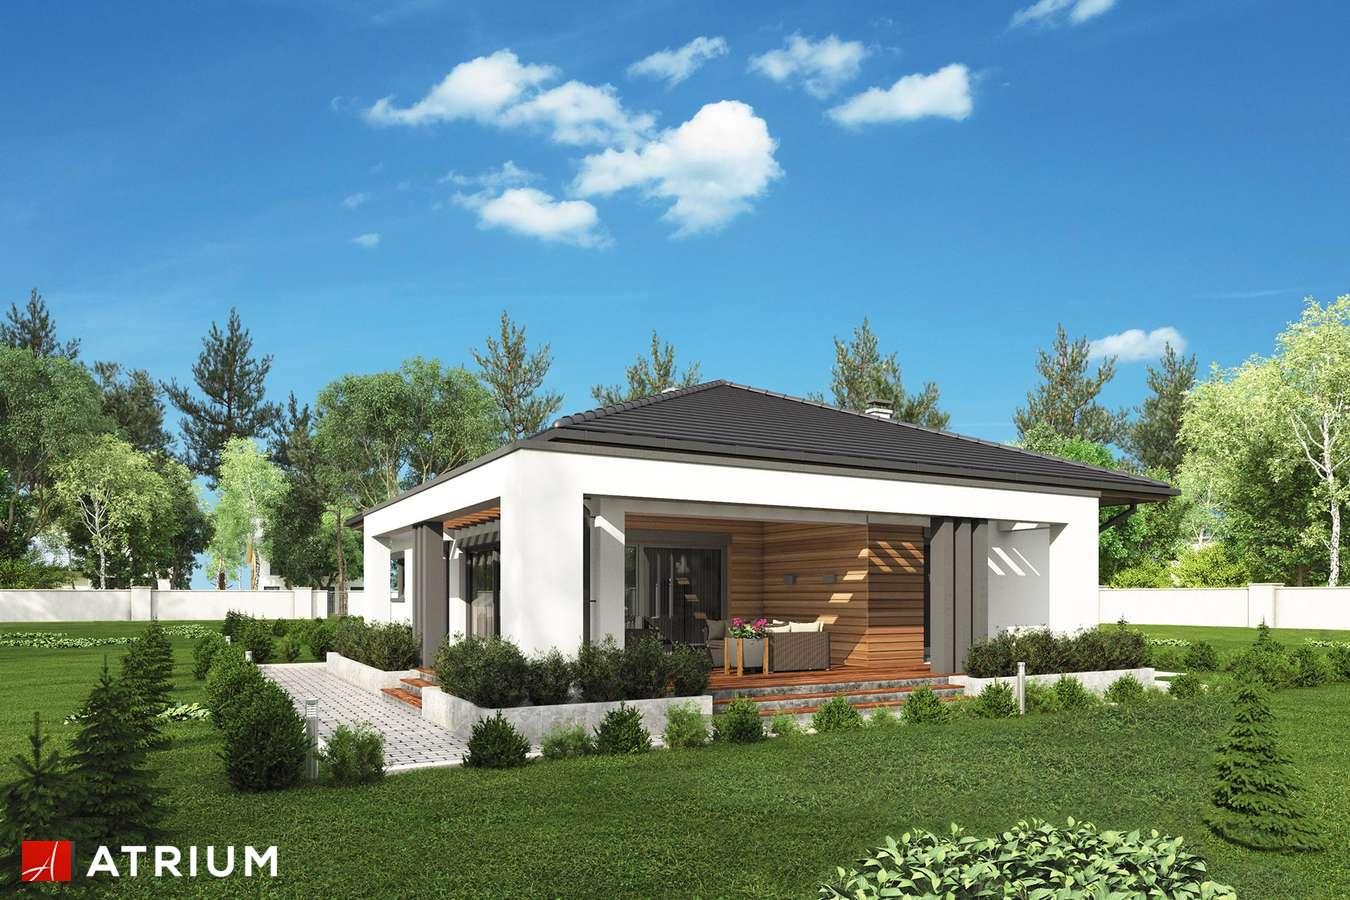 Projekty domów - Projekt domu parterowego SARDYNIA XI - wizualizacja 2 - wersja lustrzana